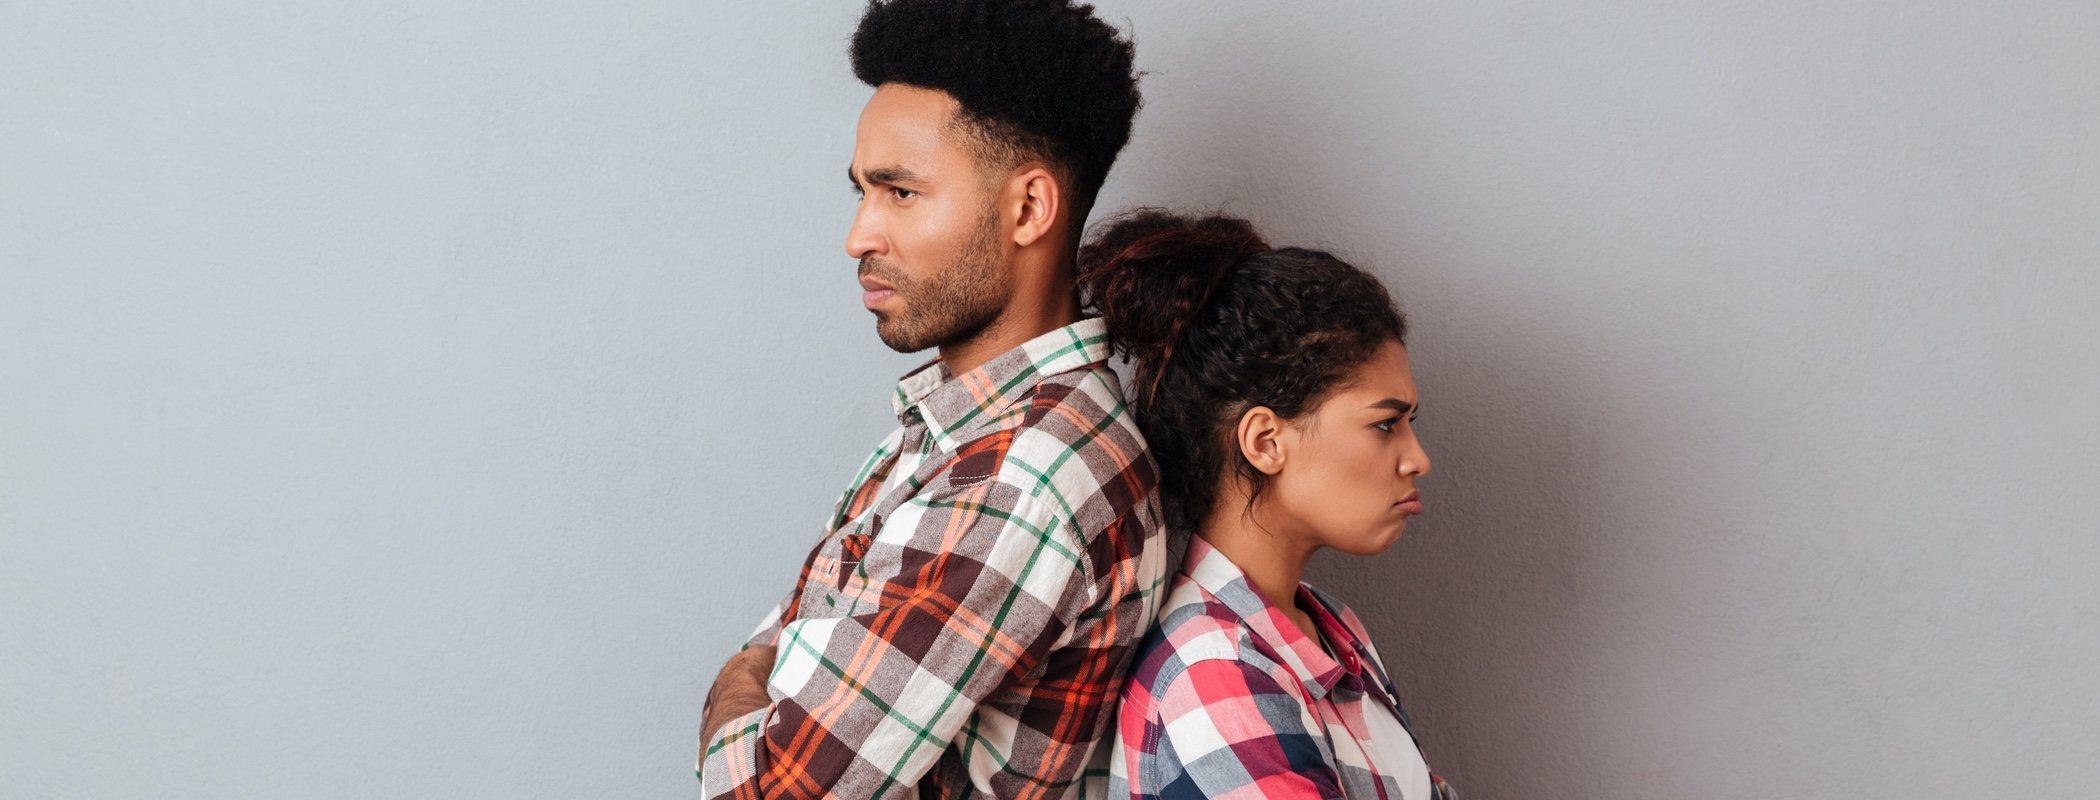 ¿Cómo reforzar tu vínculo de pareja tras una discusión?